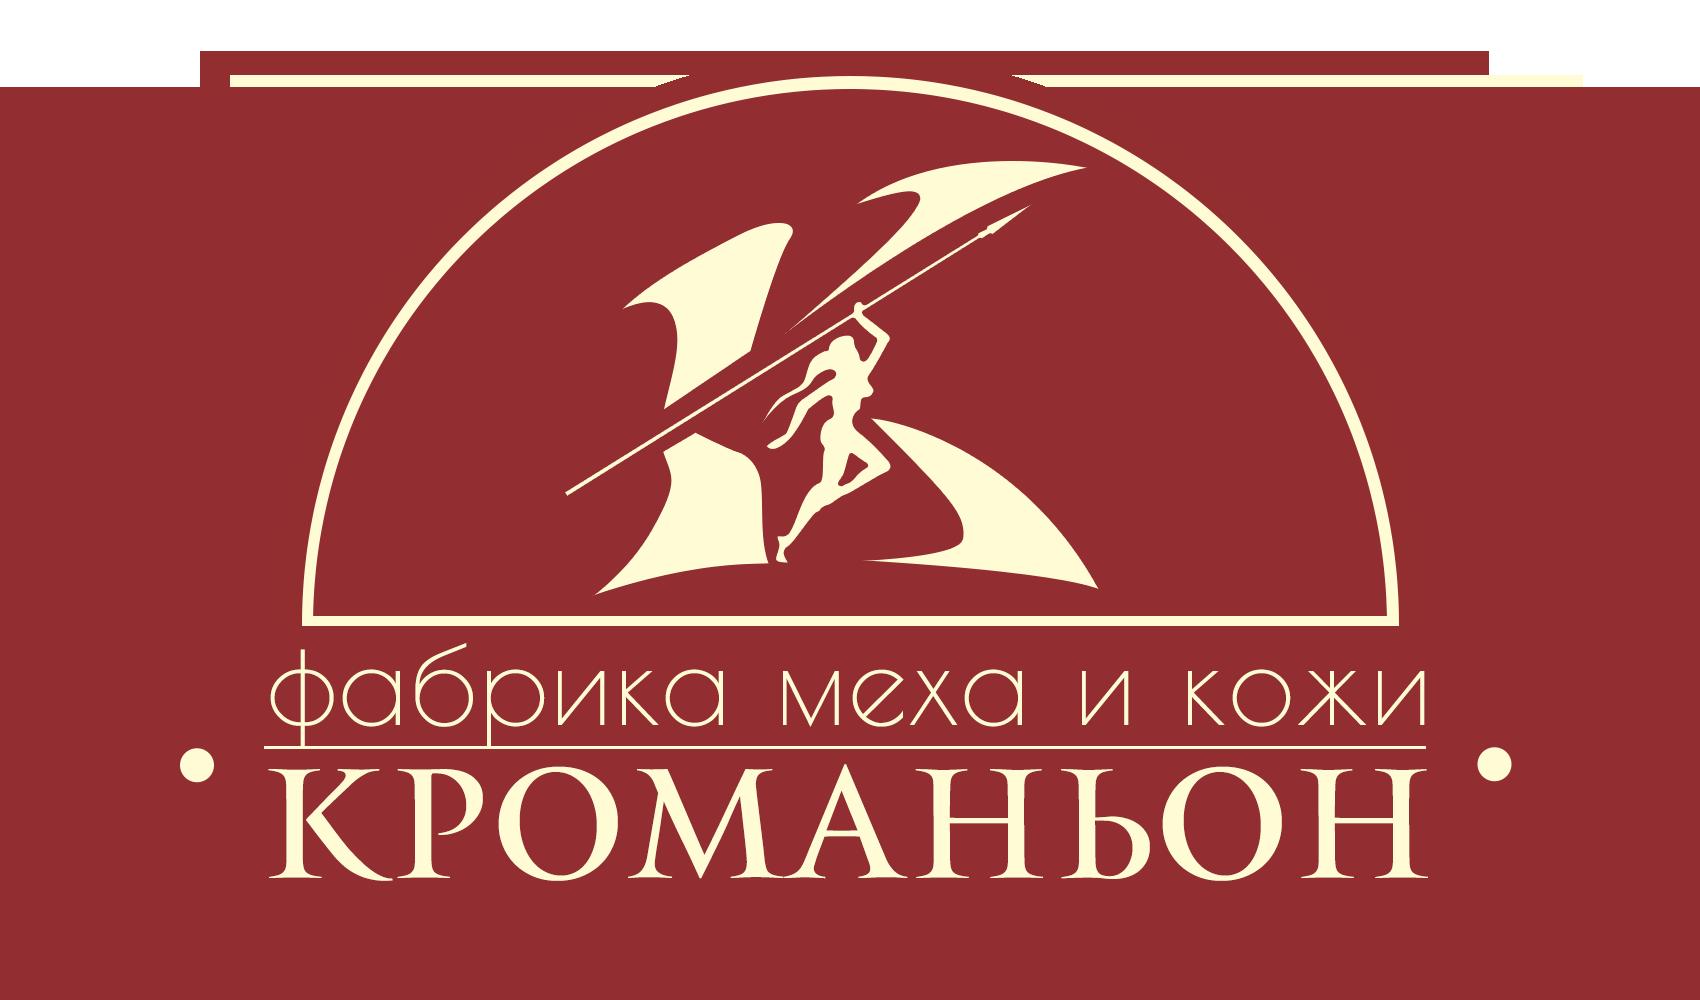 """""""Кроманьон"""" является одной из крупнейших фабрик меха и кожи по всей России"""